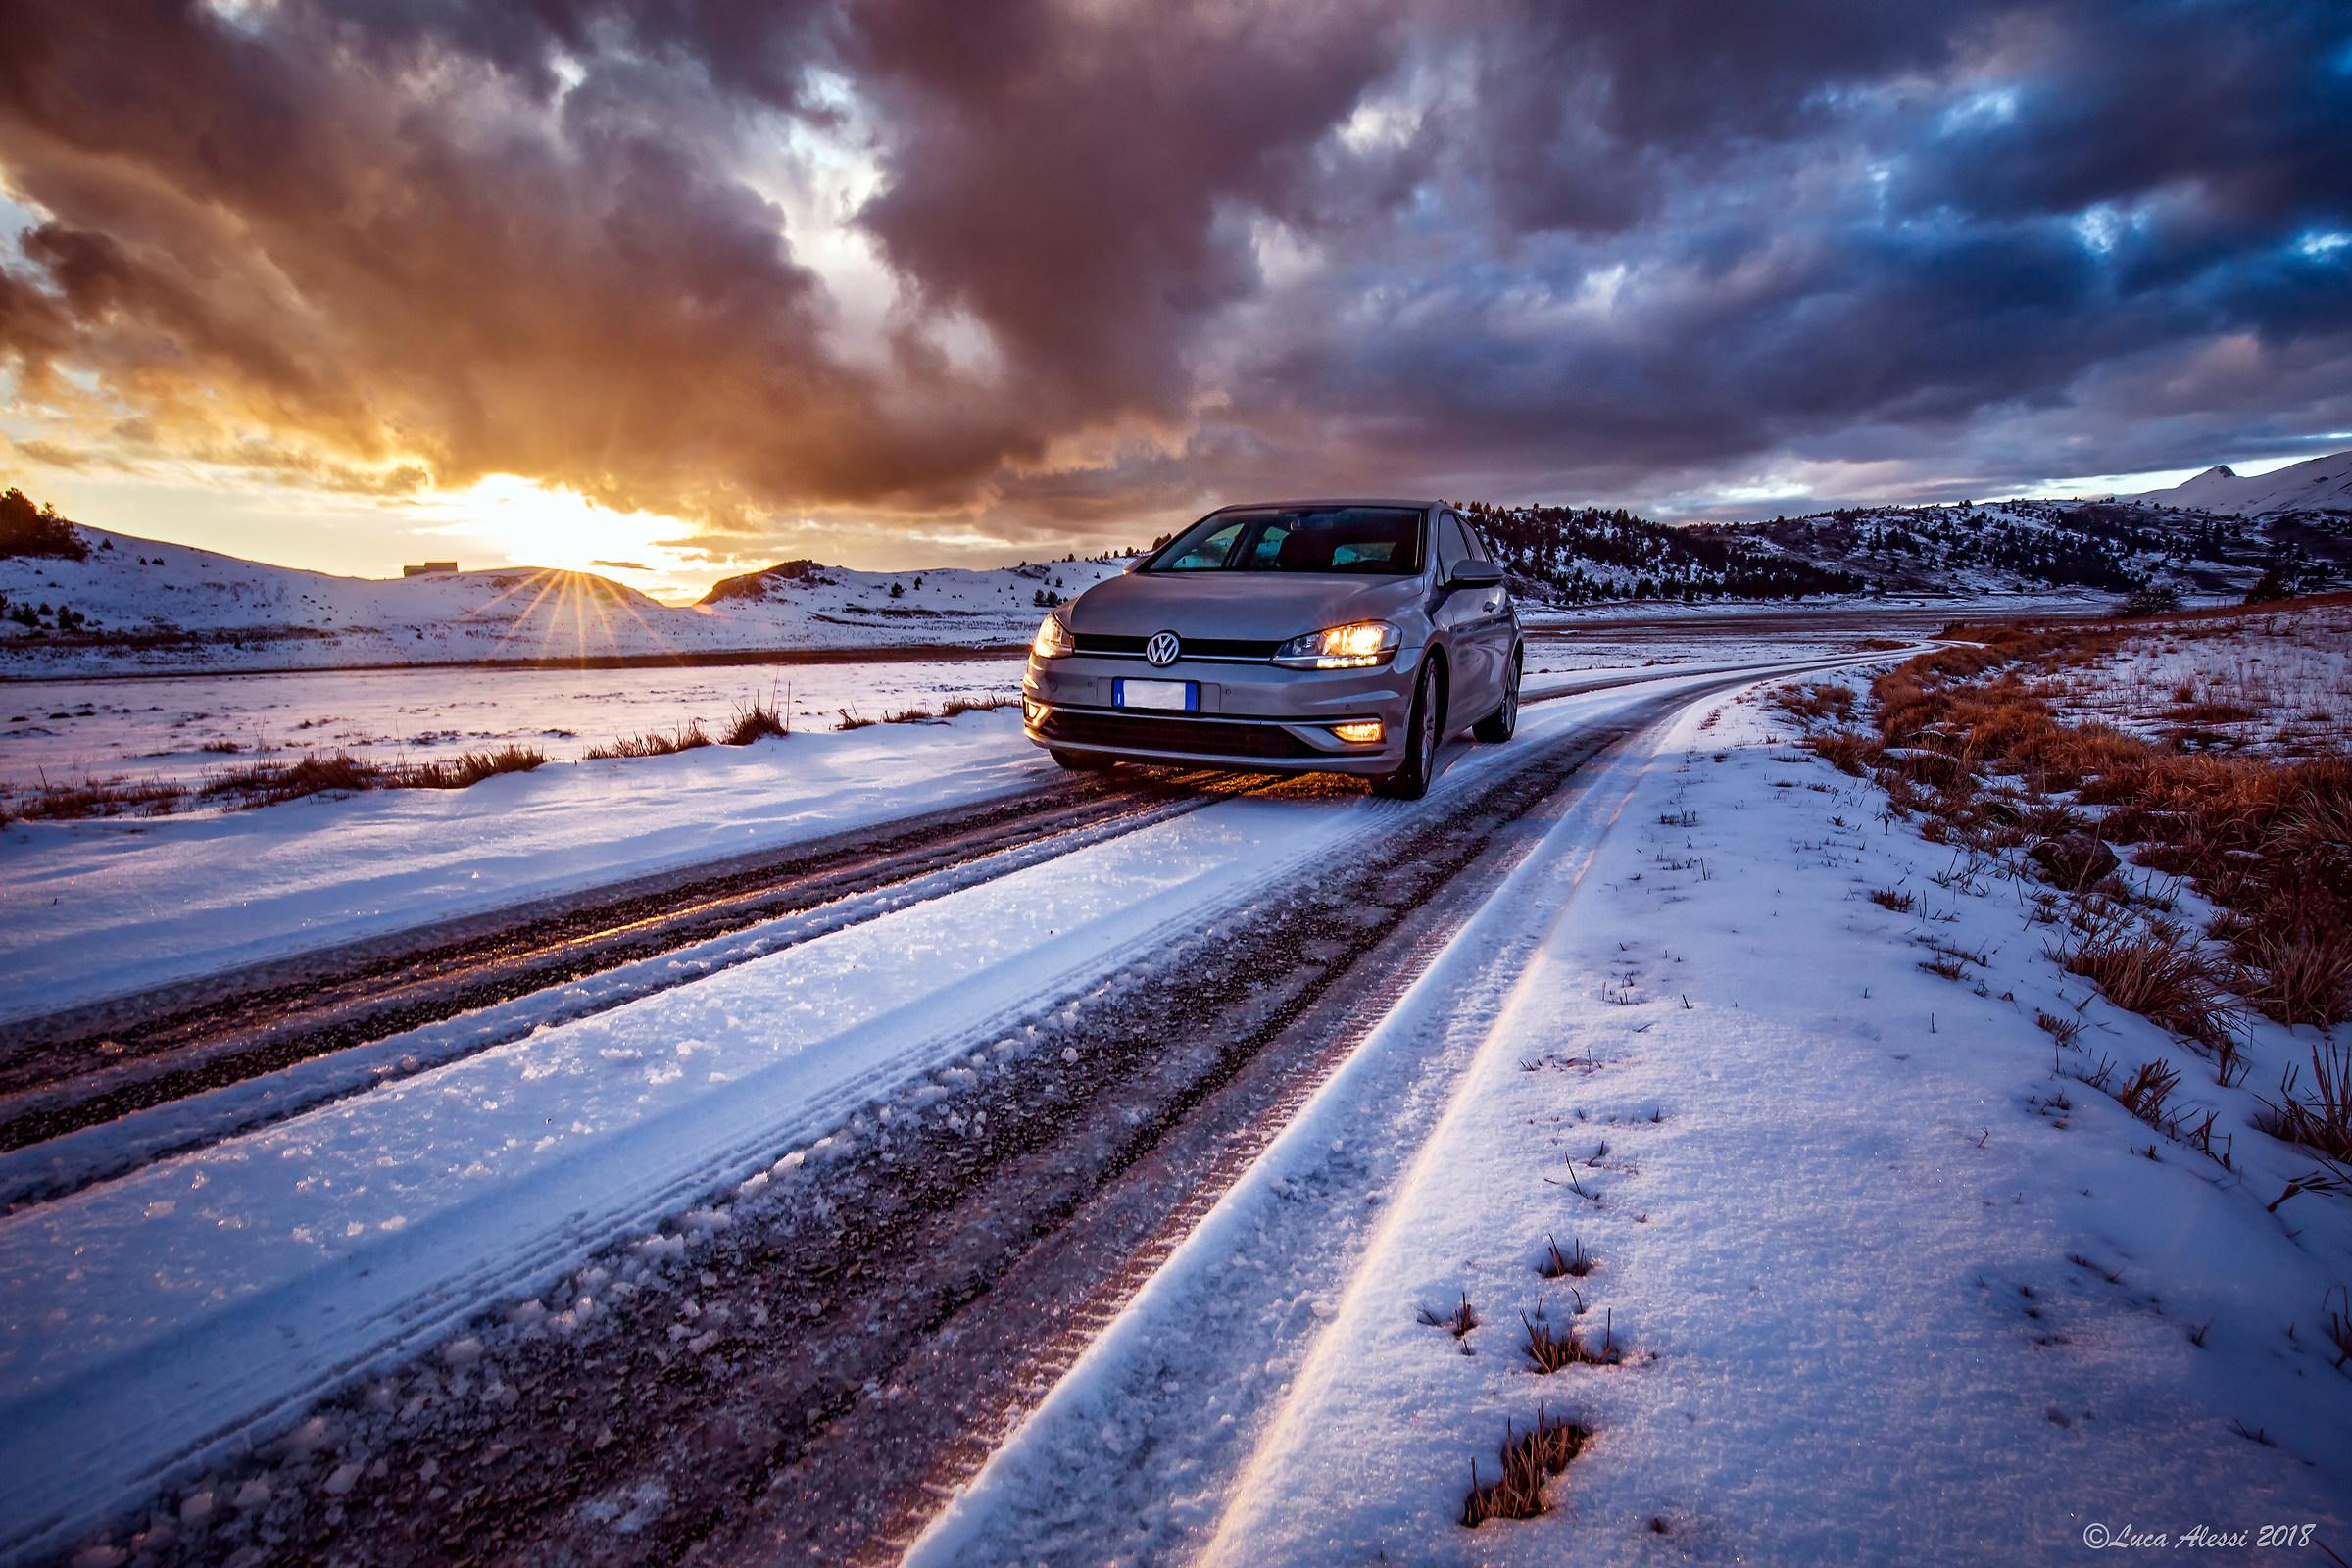 Ice road...